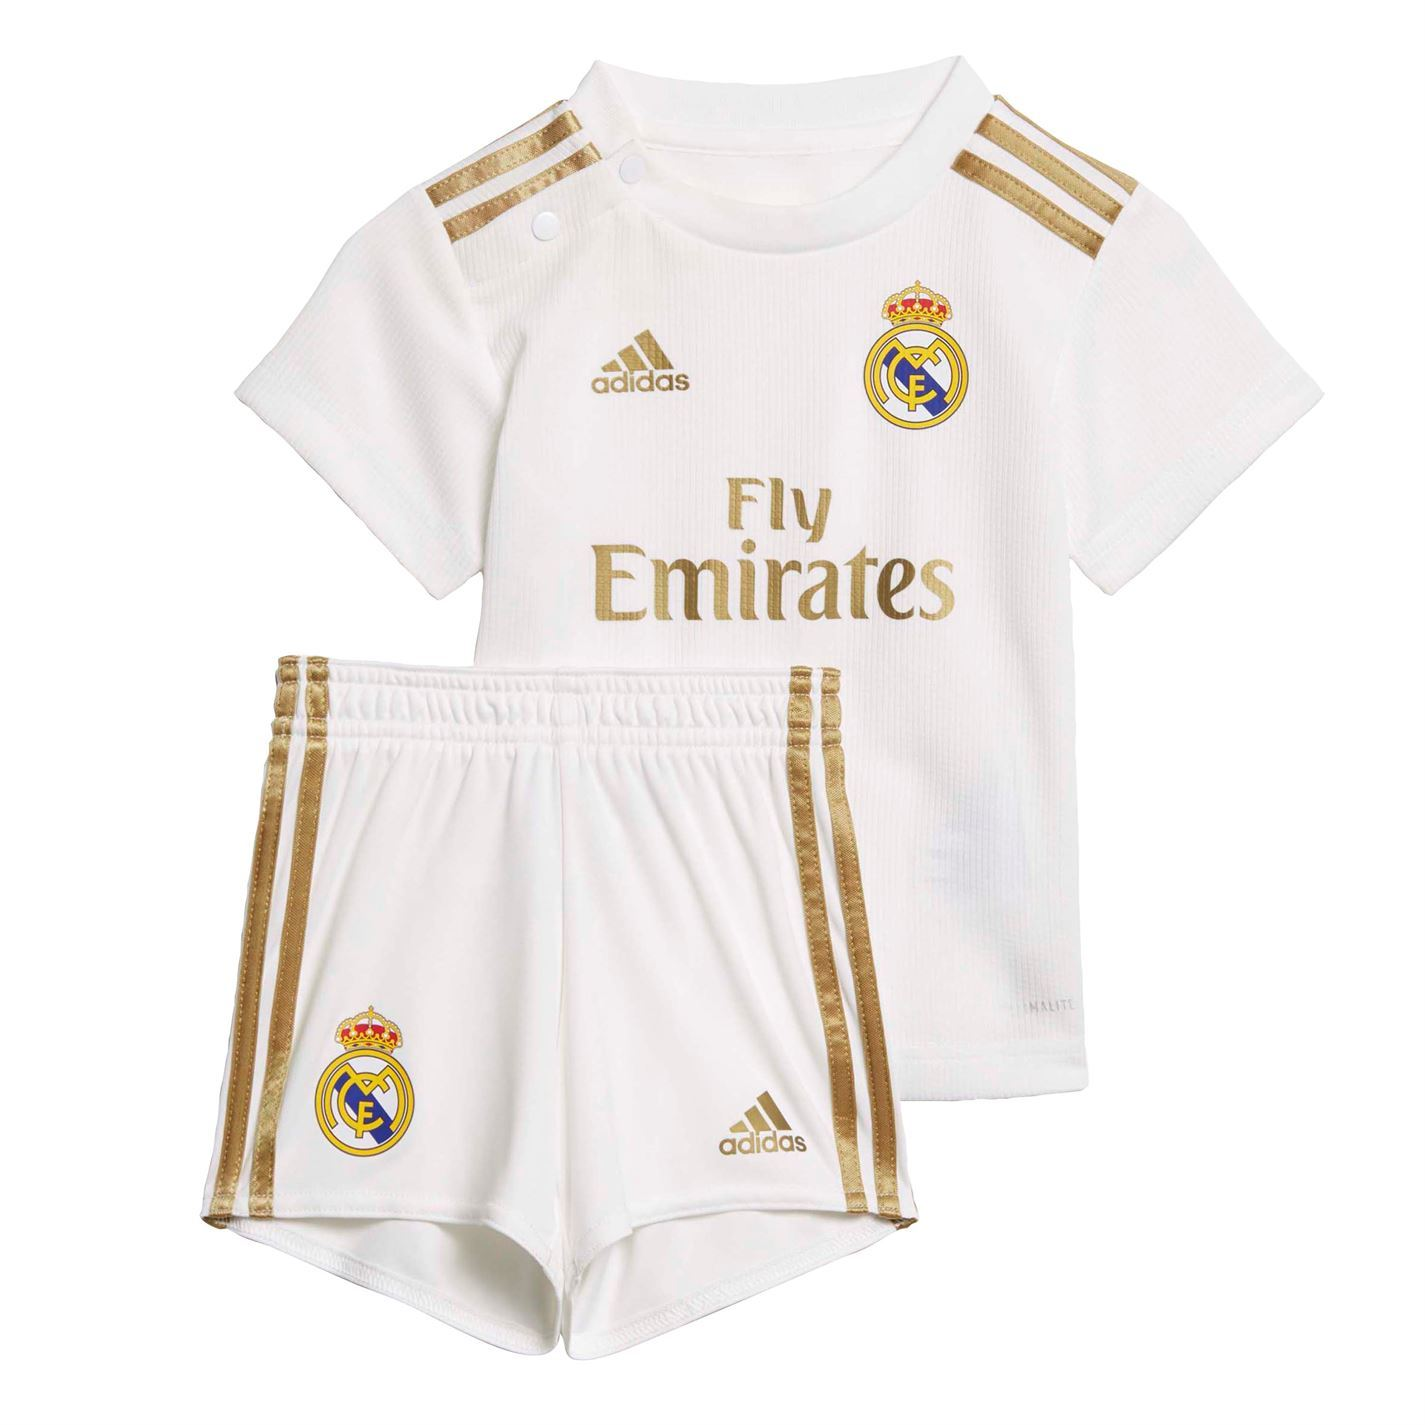 adidas Replica di Quella del Real Madrid per Le Partite in casa Maglia da Donna